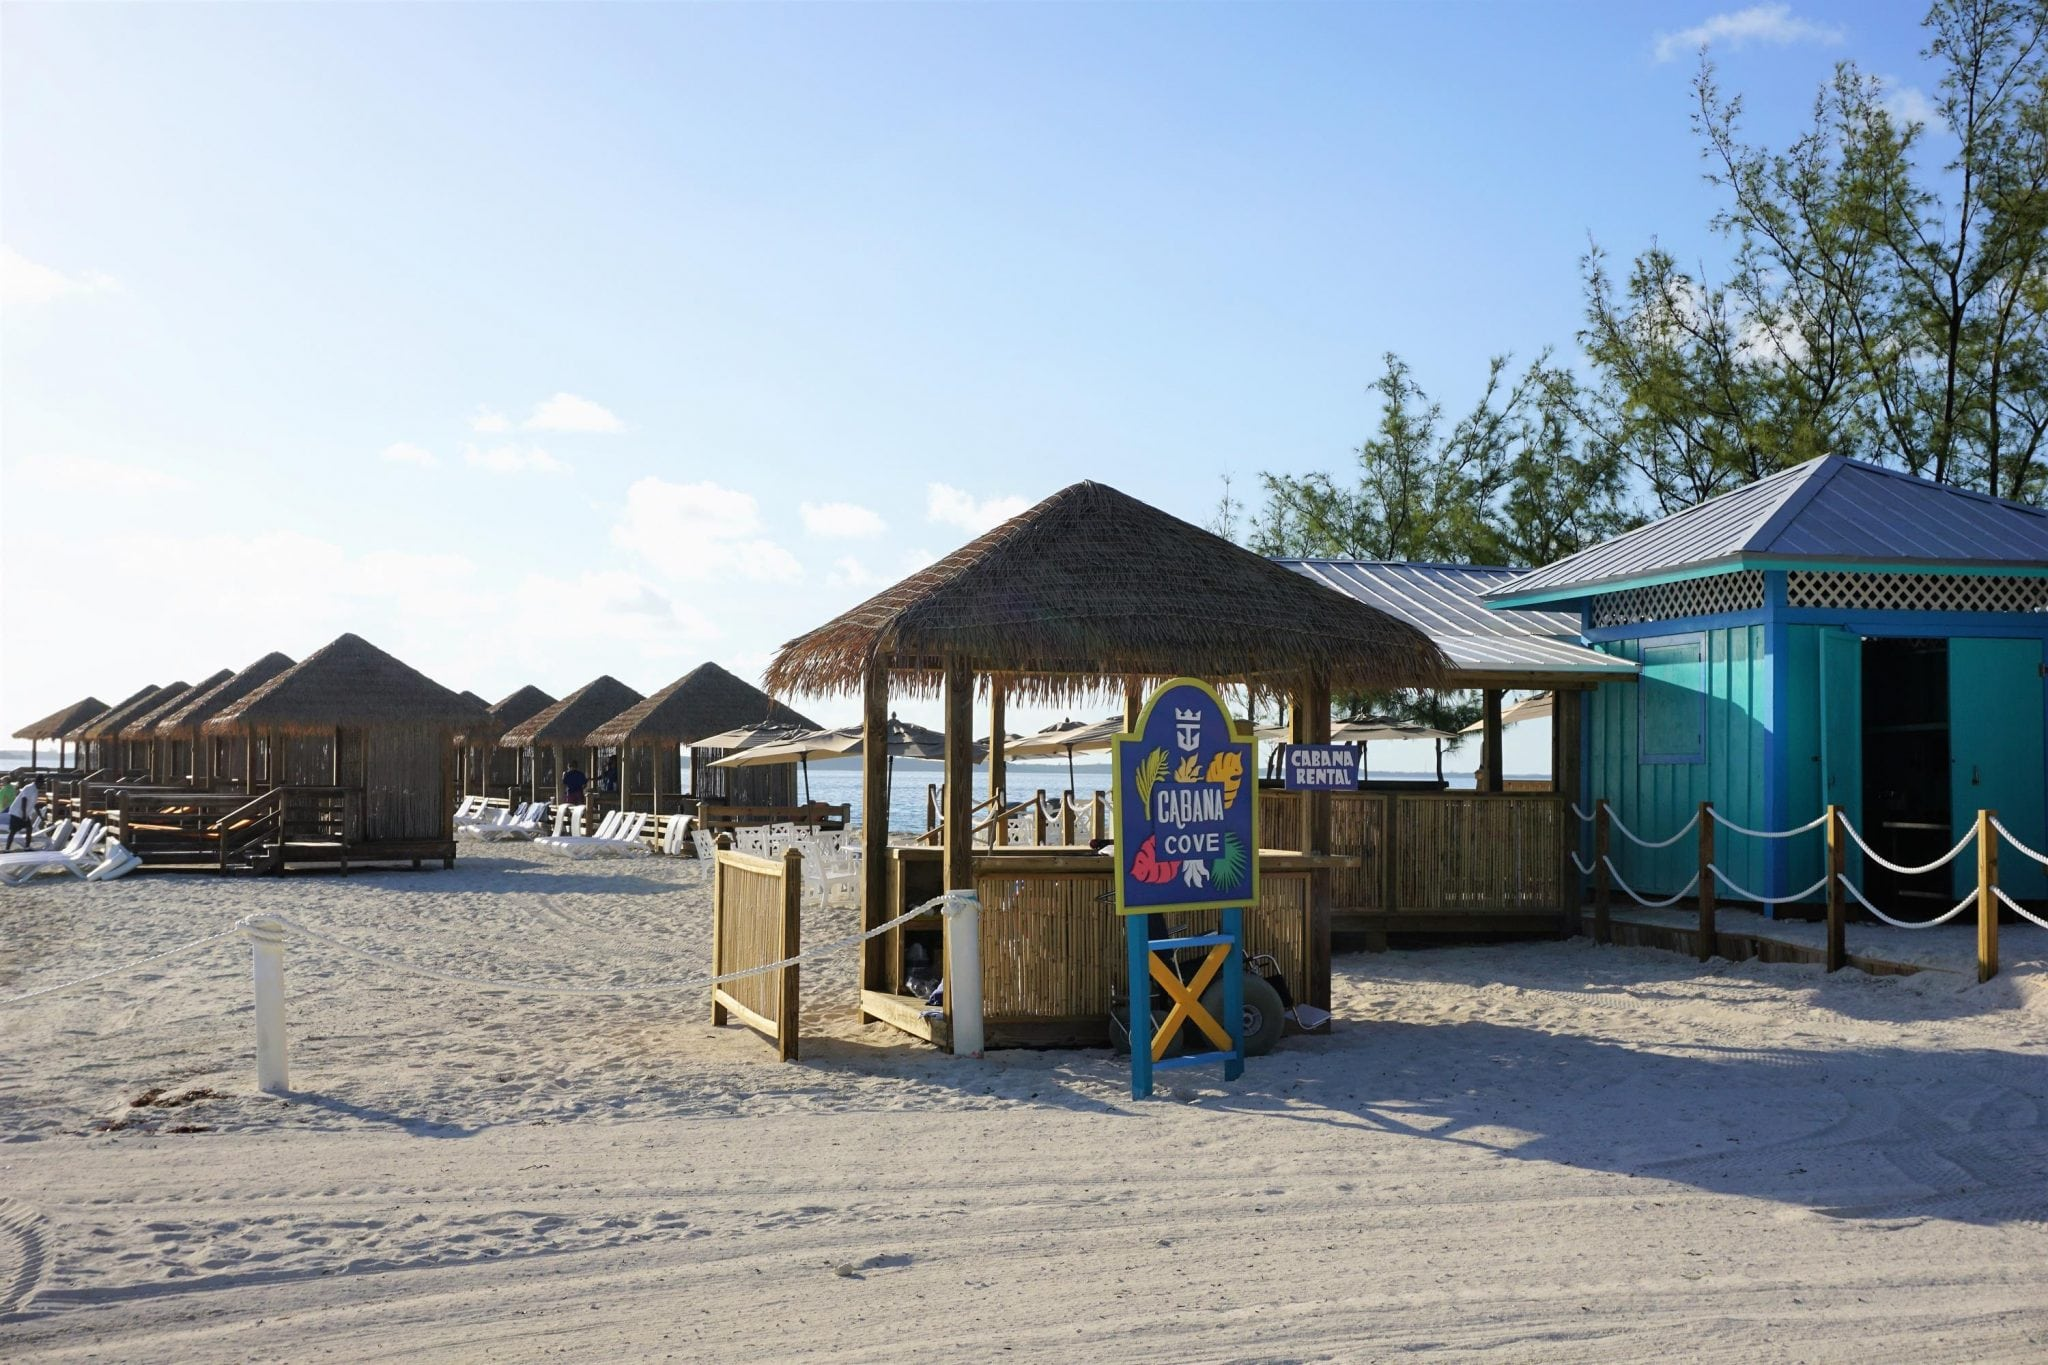 Cabana Cove, CocoCayBahamas